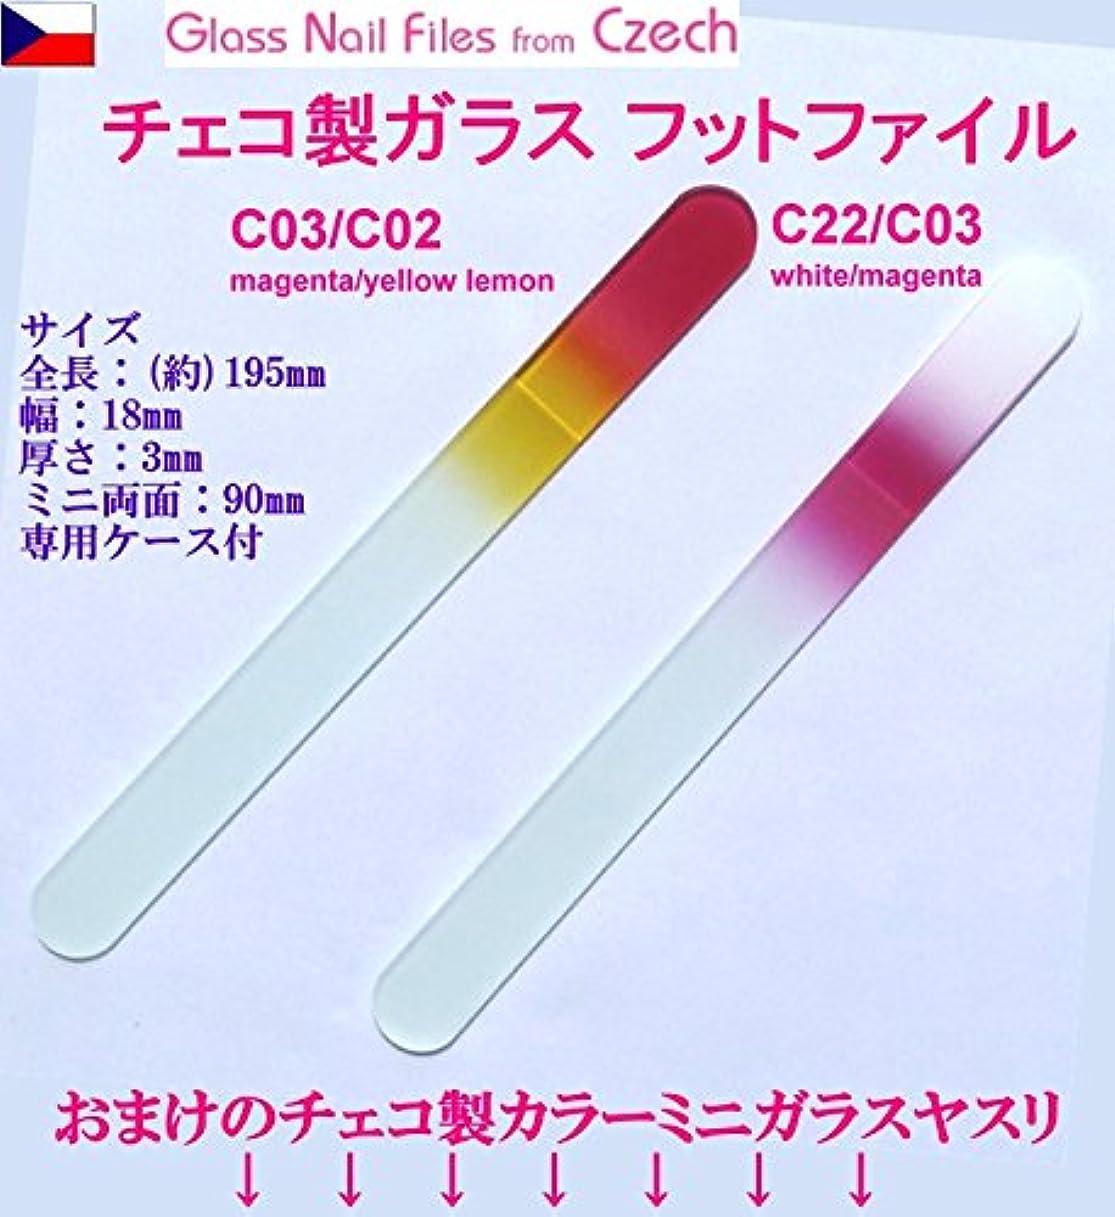 ターゲットレンディションスポットBISON チェコ製ガラス フットケアー&足の爪ヤスリ 両面 195mm 大&ミニ 2Pセット 介護用 C03/C02 magenta/yellow lemon